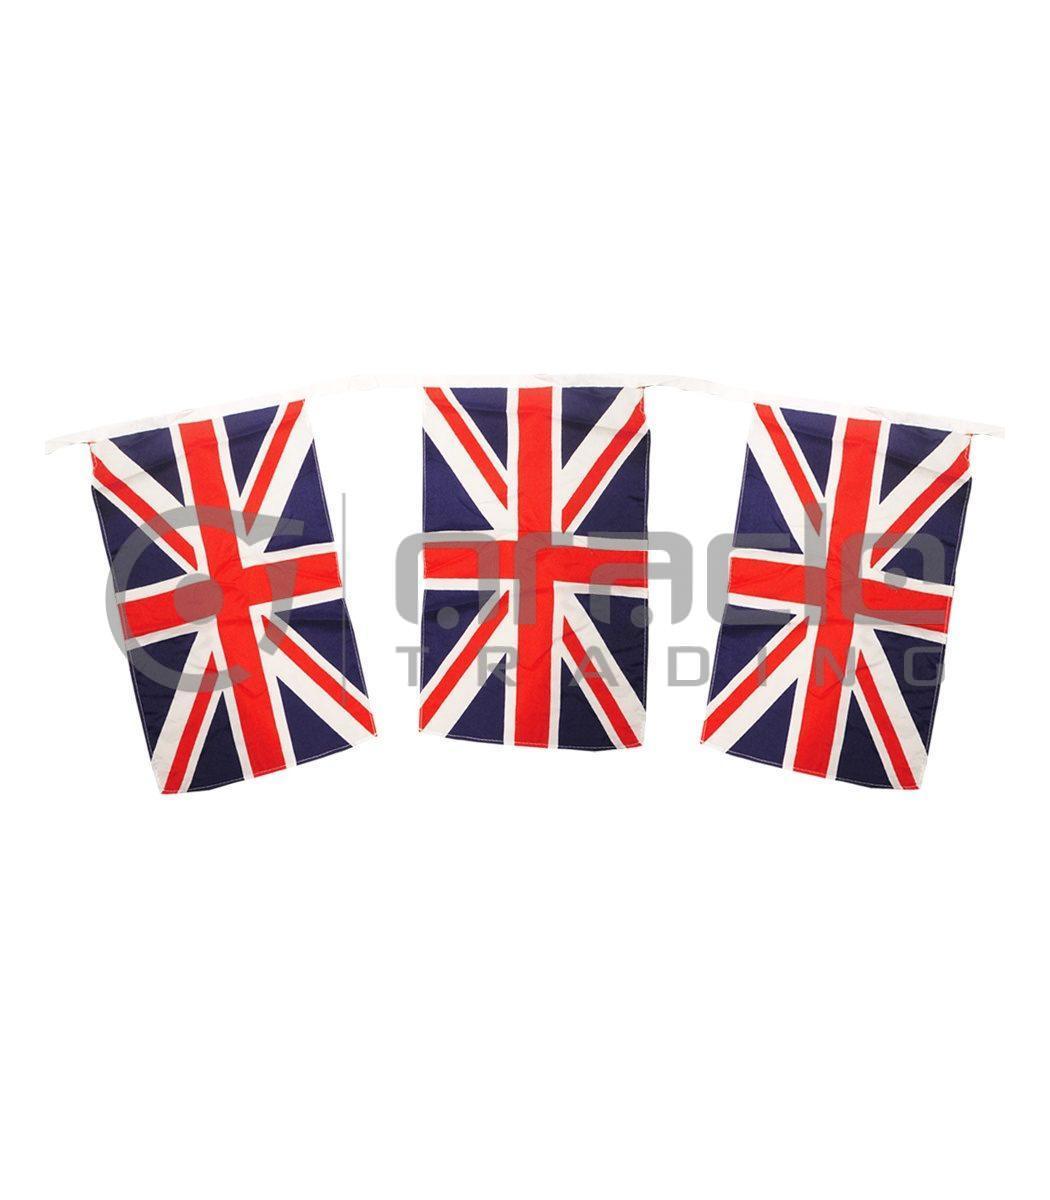 UK String Flag (Union Jack)